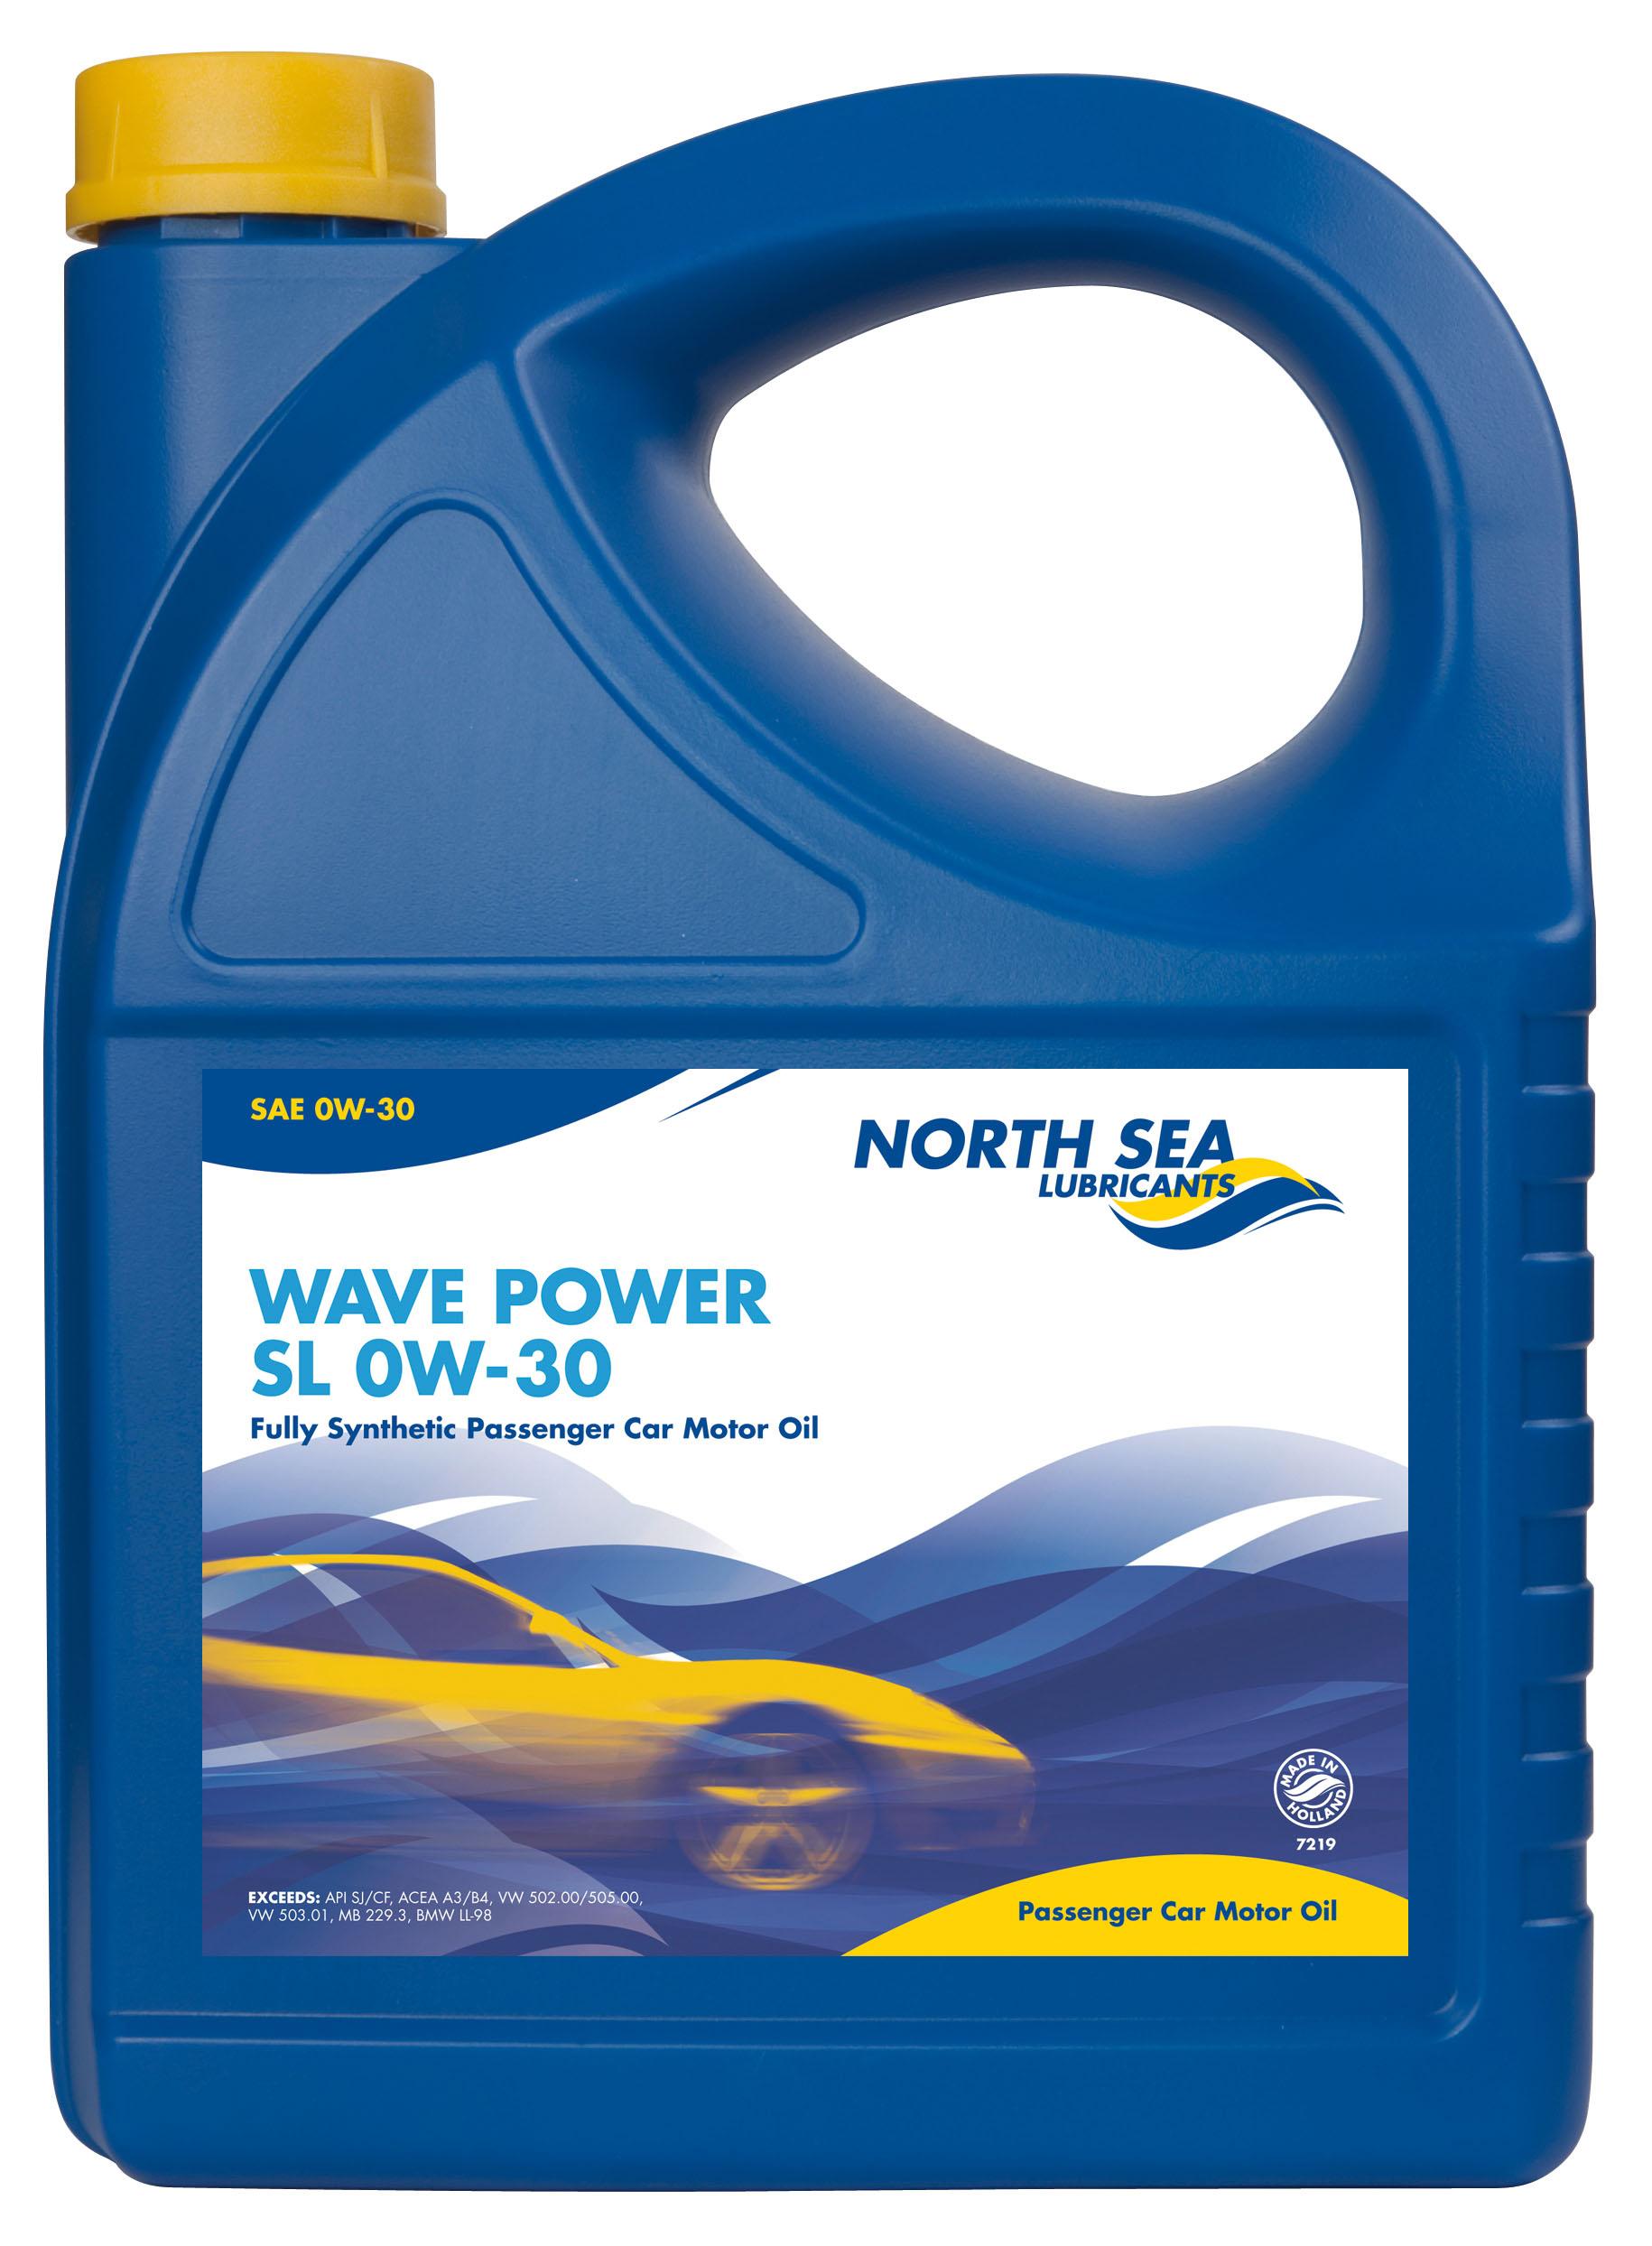 WAVE POWER SL 0W-30